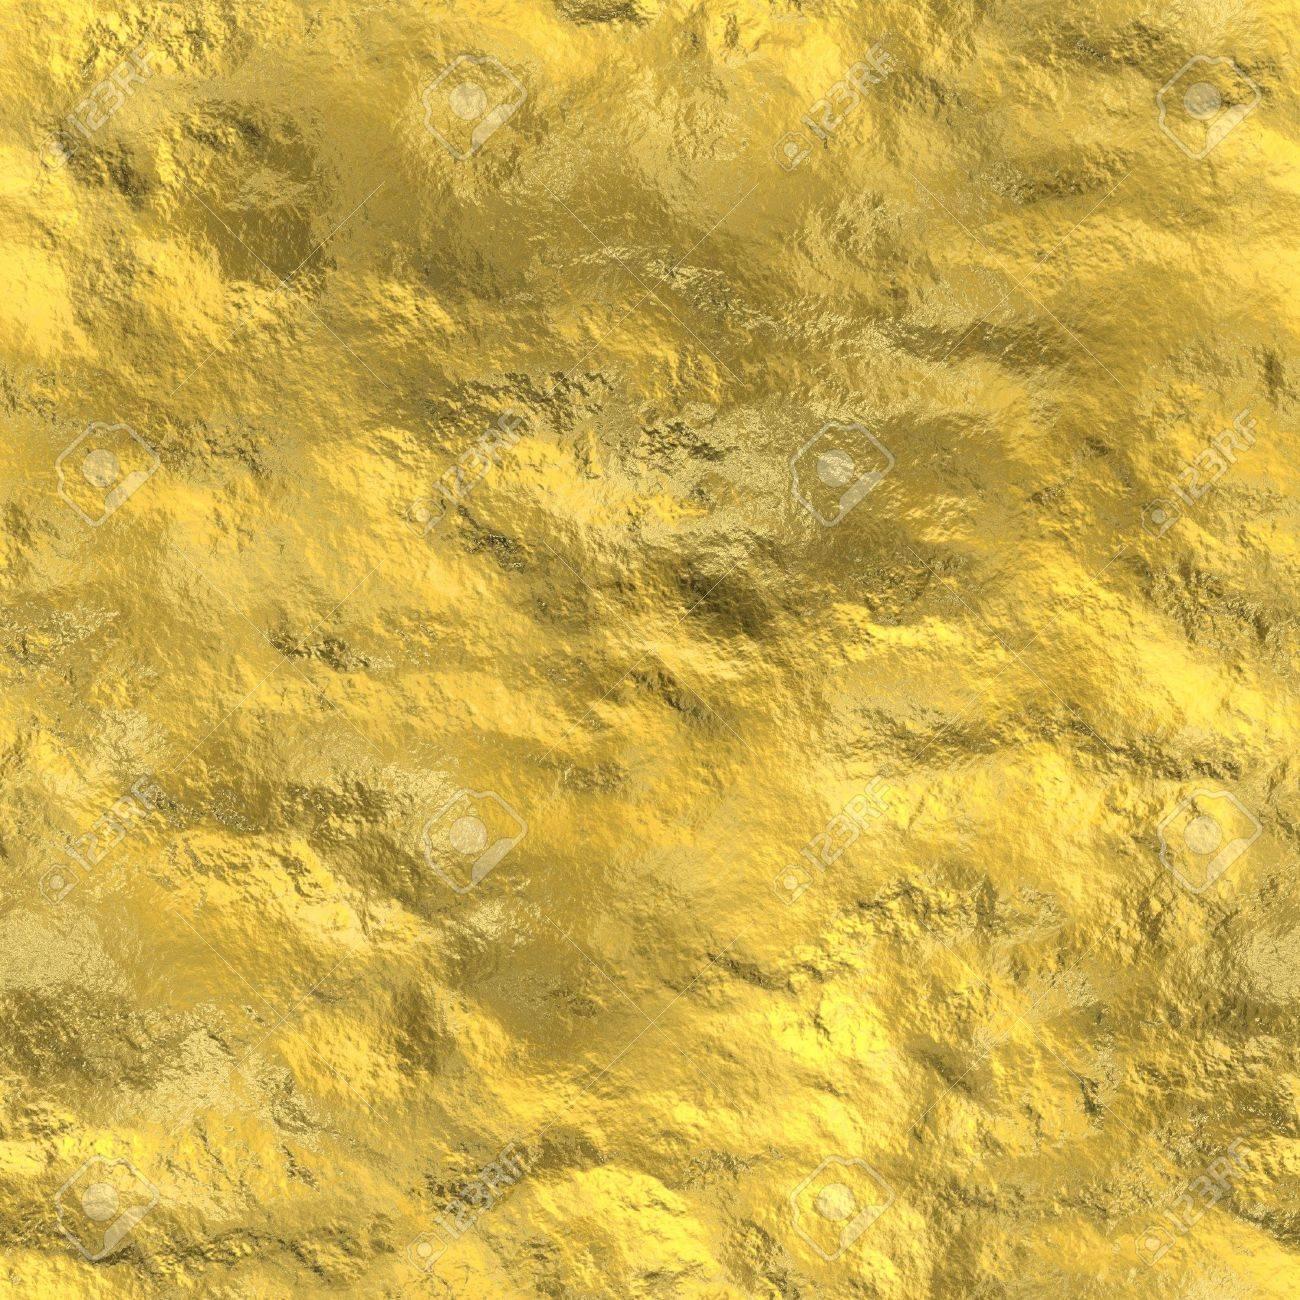 Brass Texture Seamless Seamless Gold Metal Texture